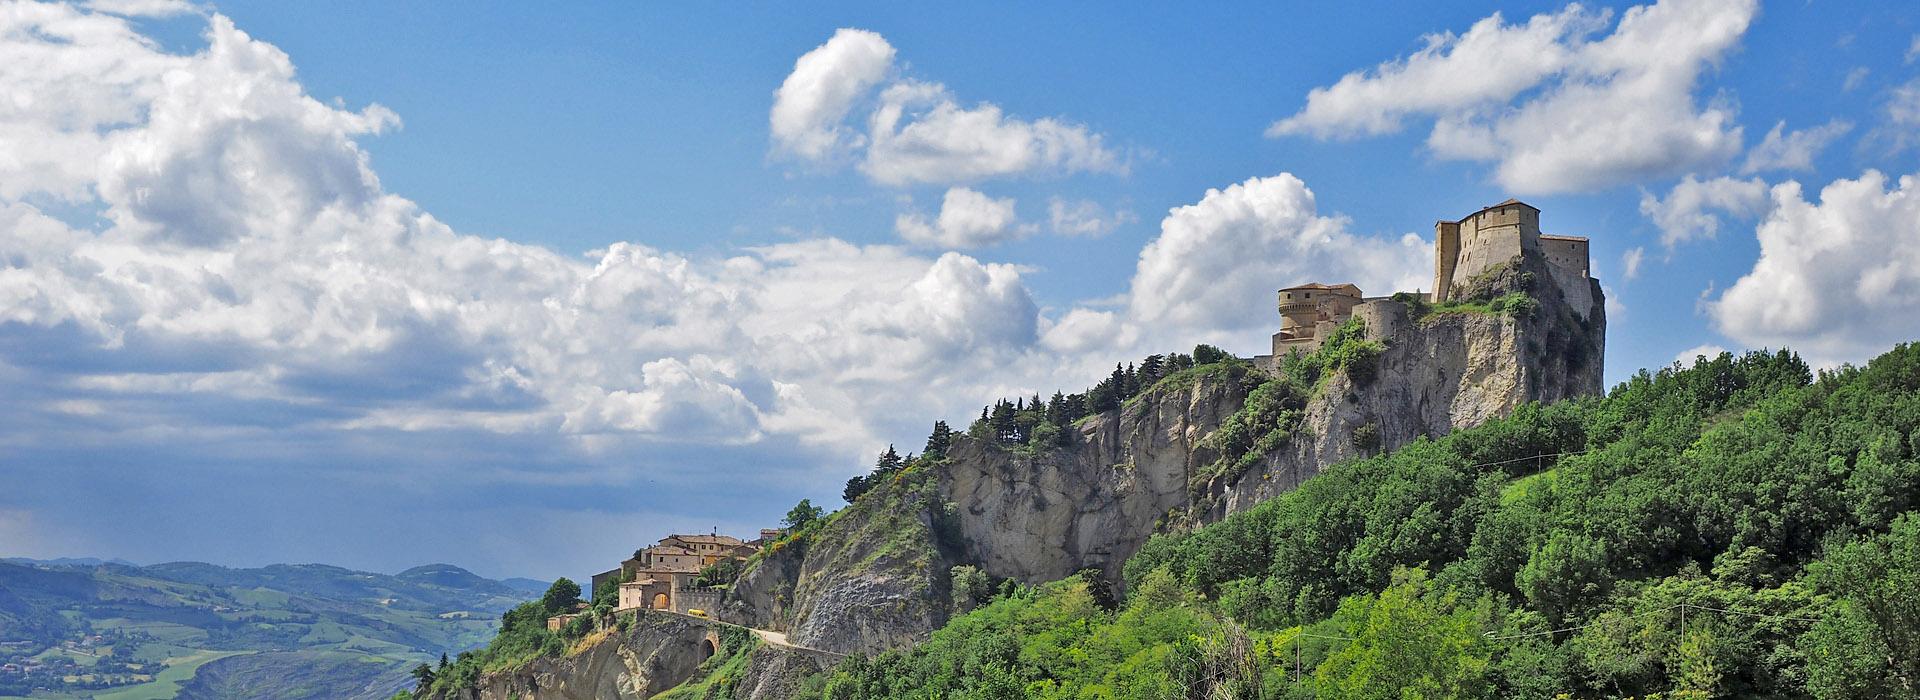 Op de motor door het prachtige Le Marche in Italie